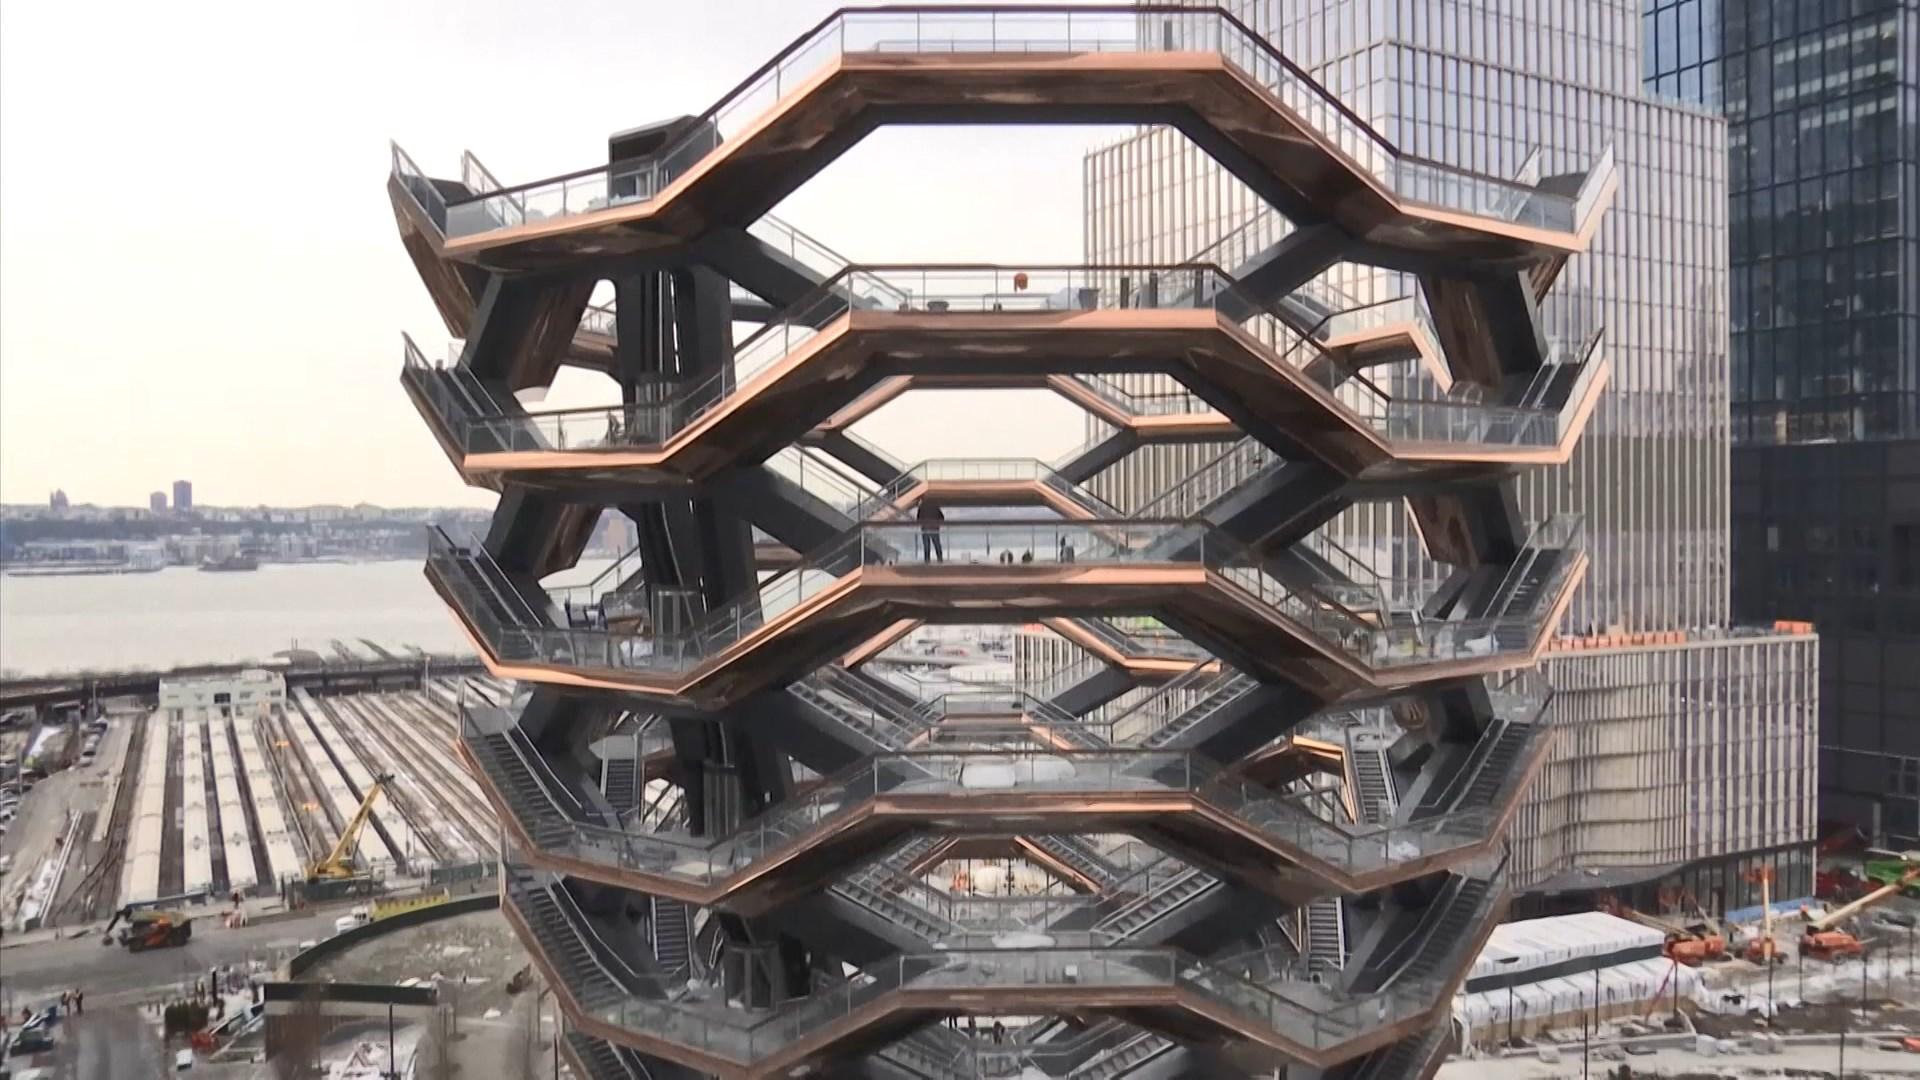 【環球薈報】紐約新地標建築周五正式開放